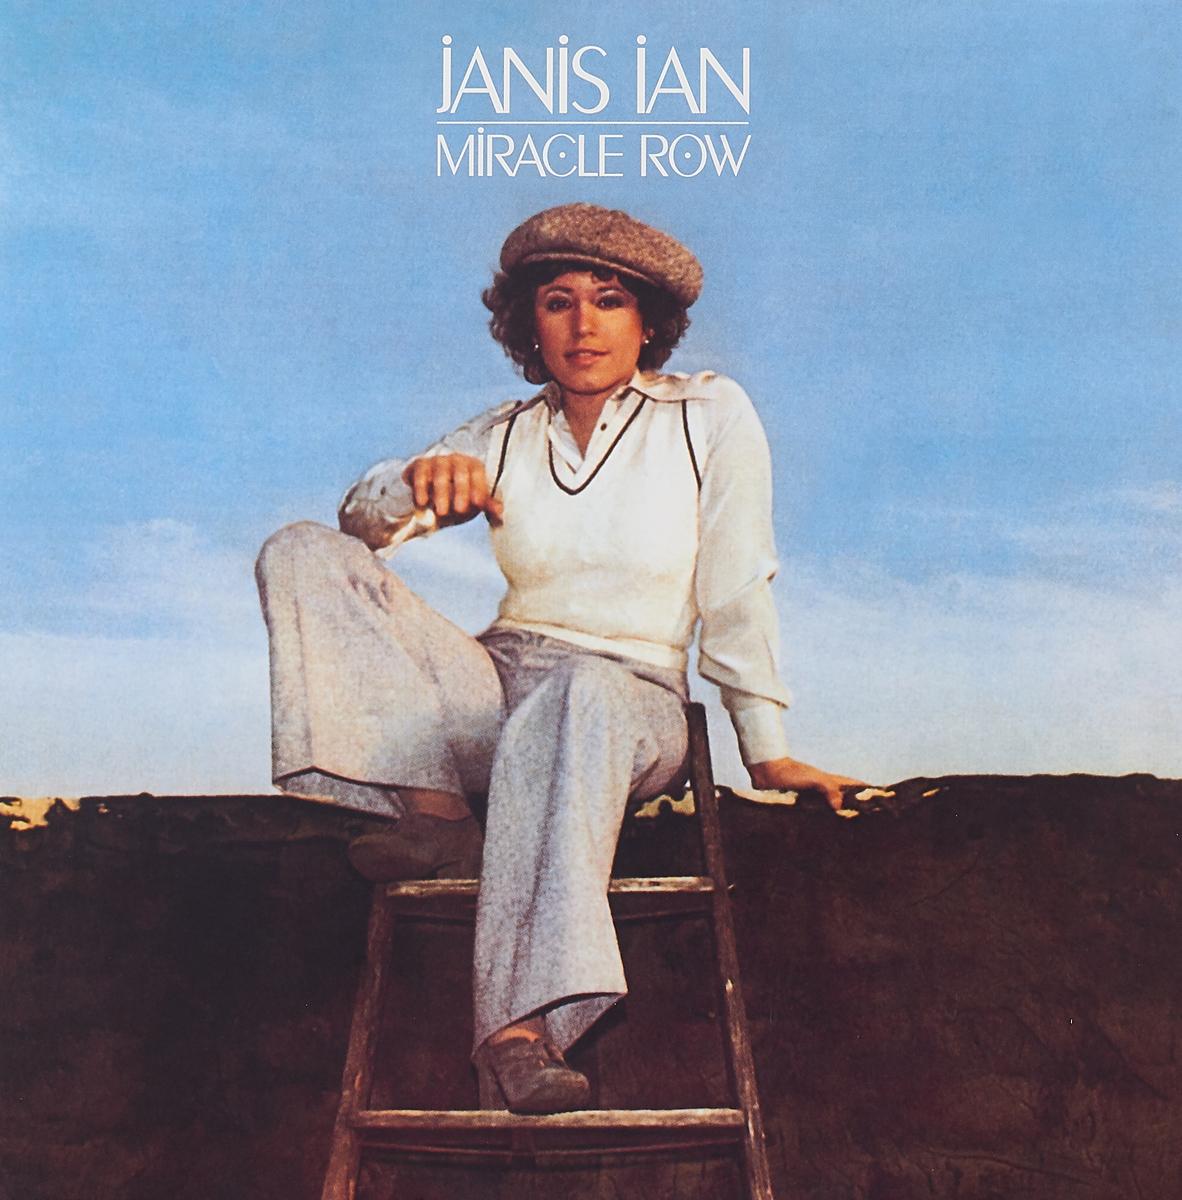 Жанис Ян Janis Ian. Miracle Row (LP) виниловая пластинка janis ian stars